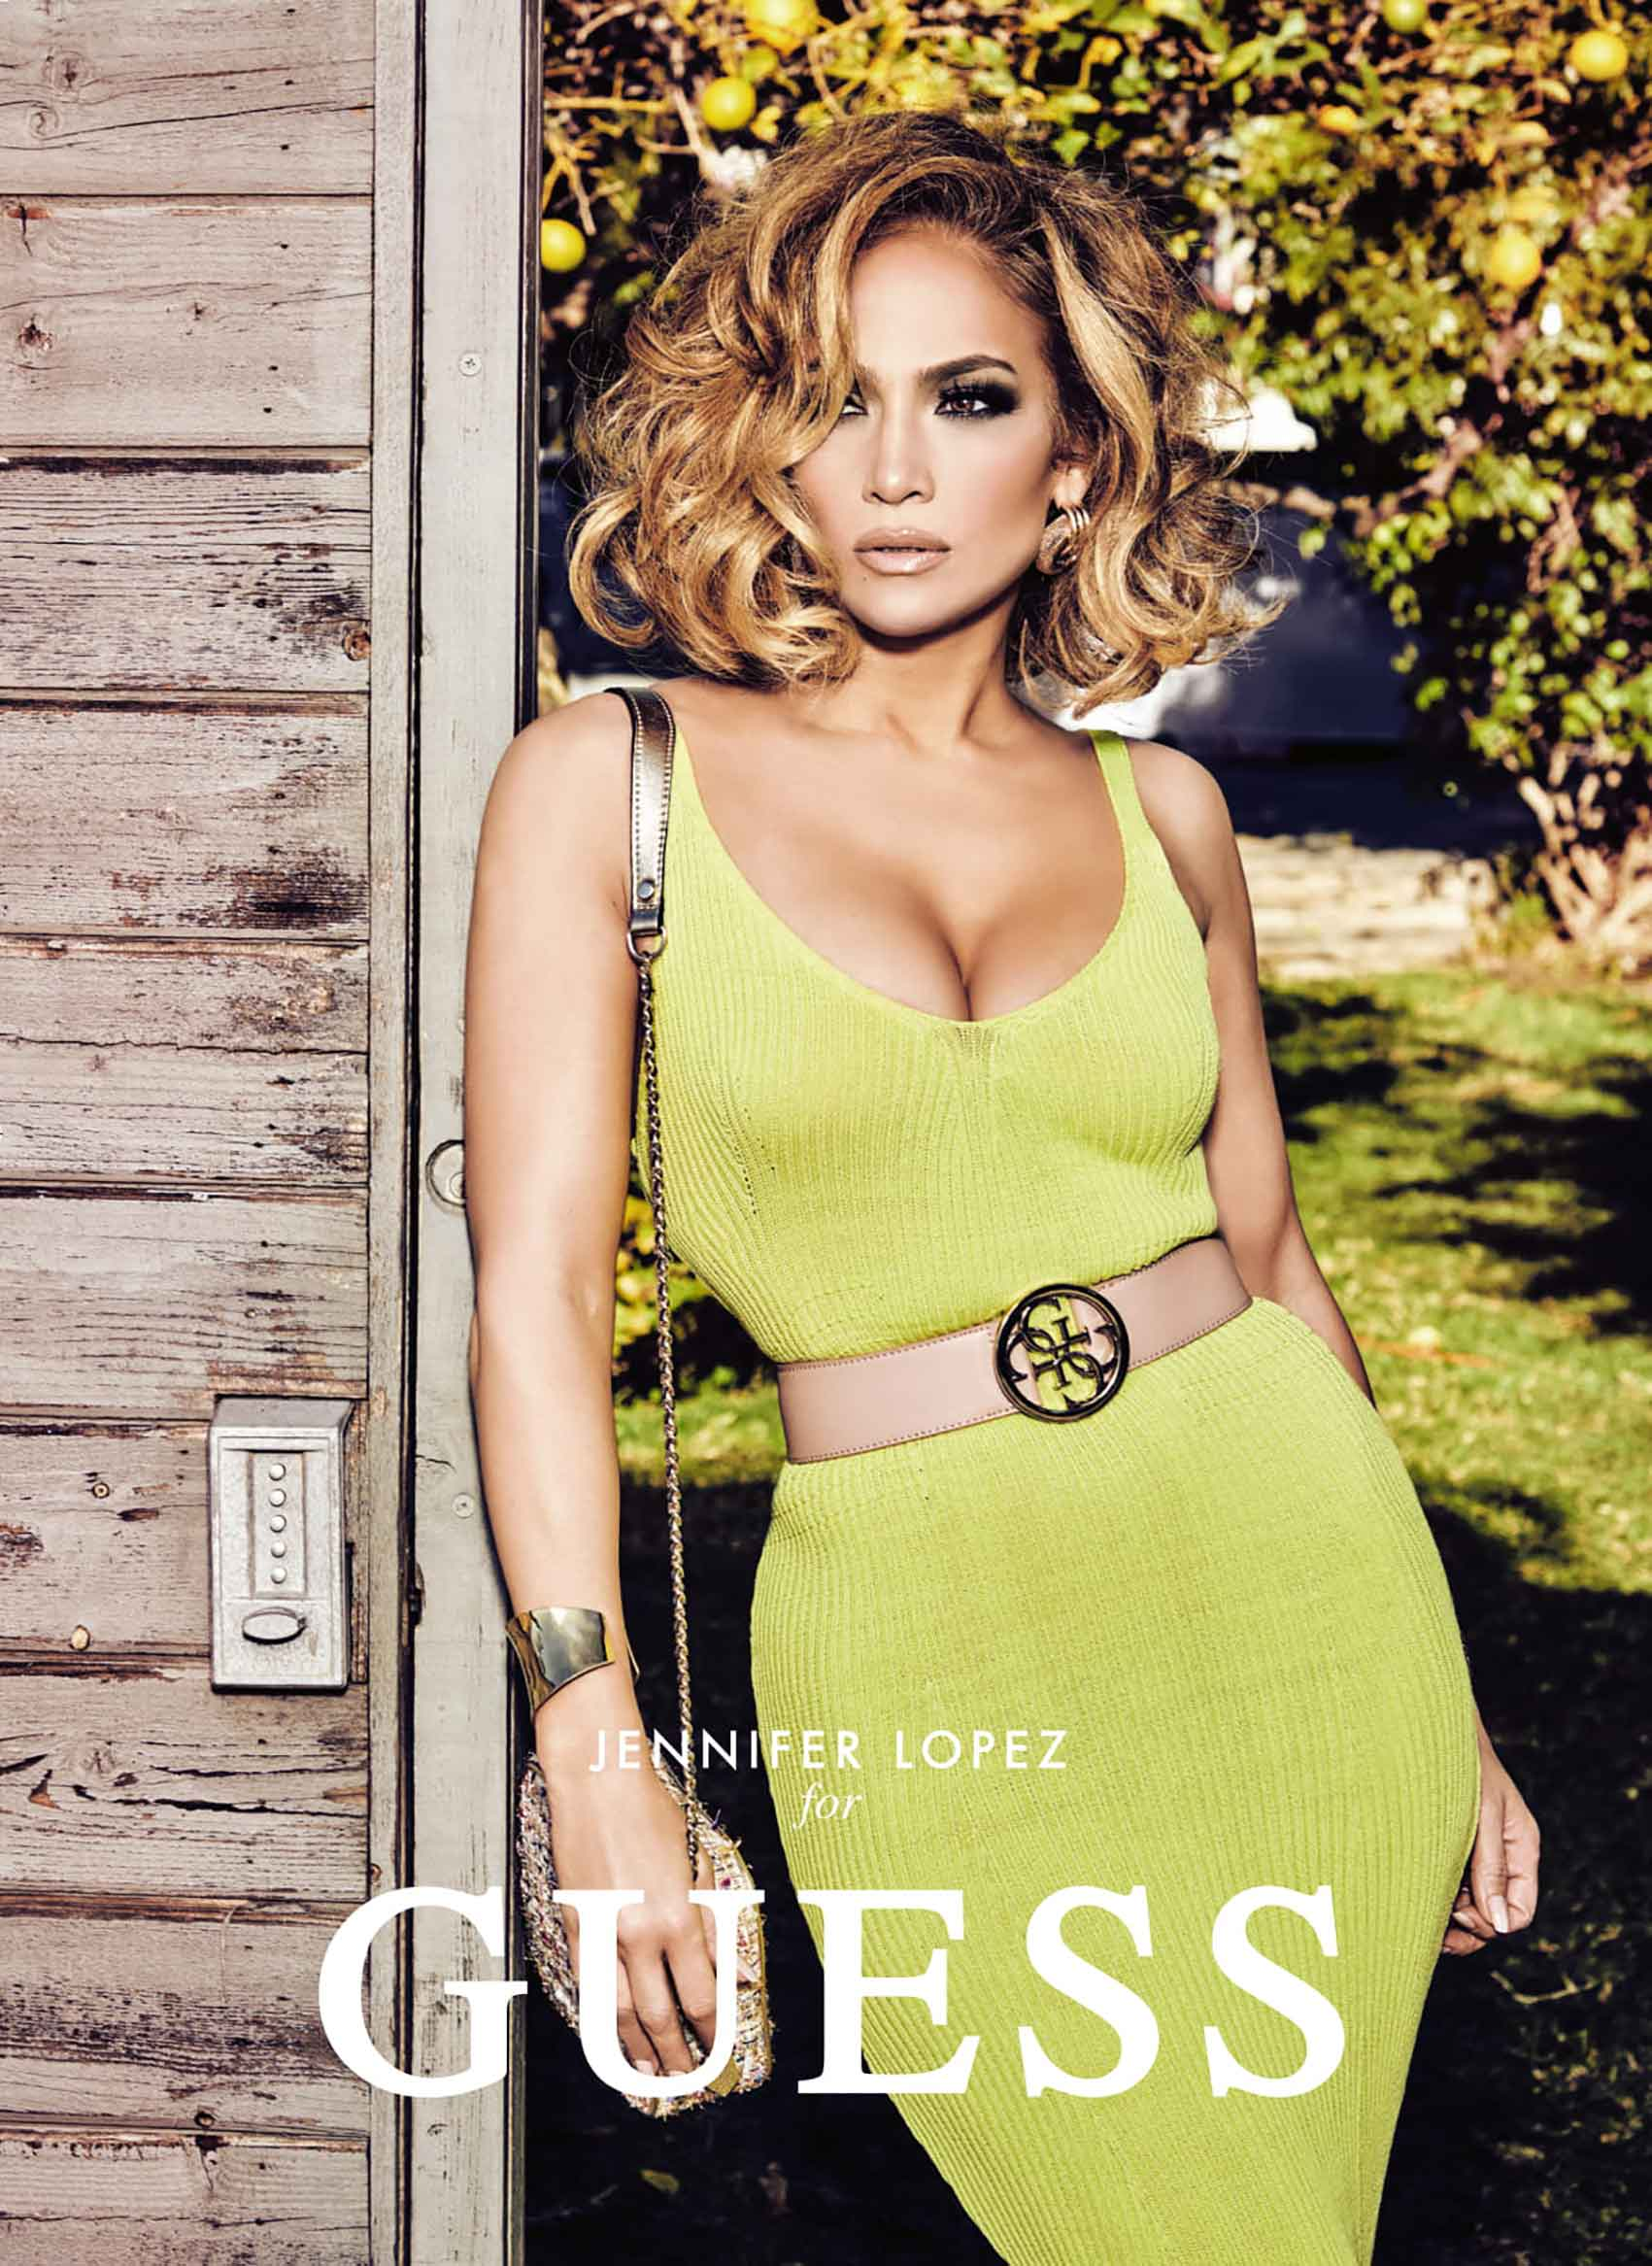 אופנה-ג׳ניפר-לופז-כתבות-טרנדים-סטייל-אופנת-נשים-מגזין-אופנה